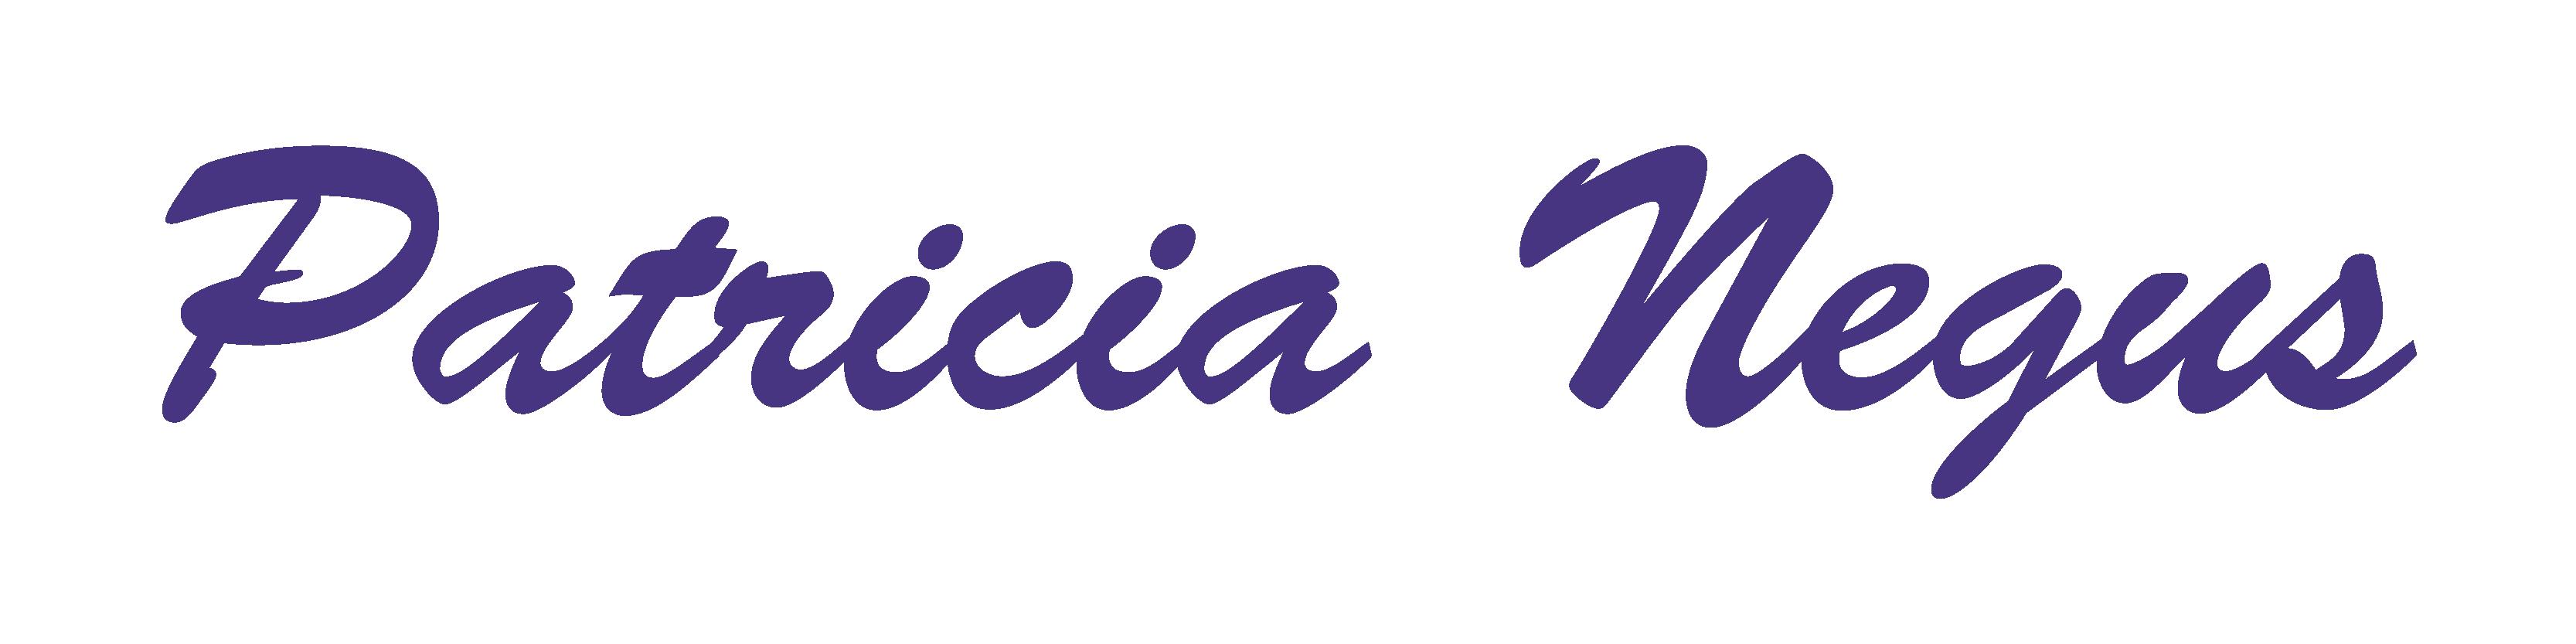 Patricia Negus Signature